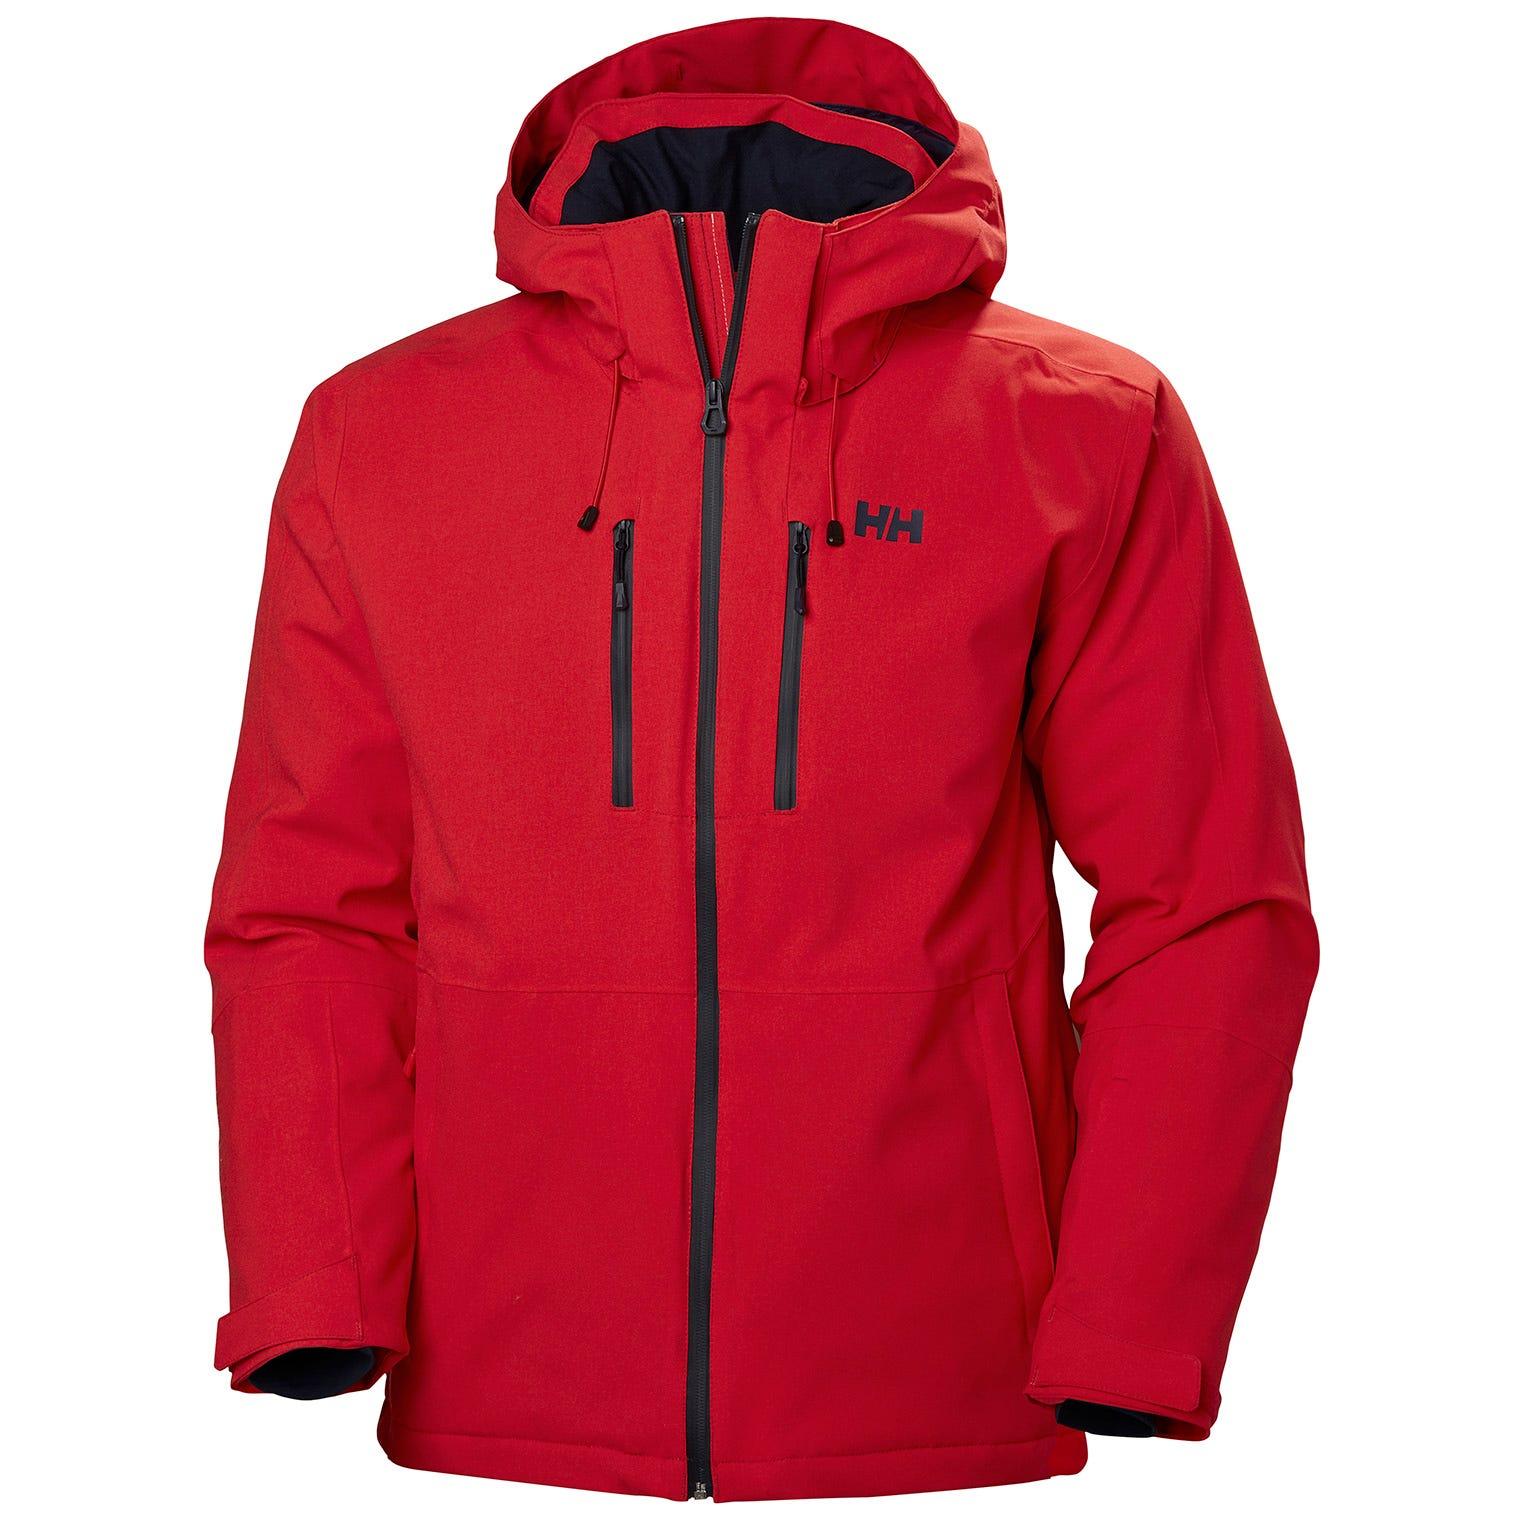 Helly Hansen Juniper 3.0 Jacket Mens Red M